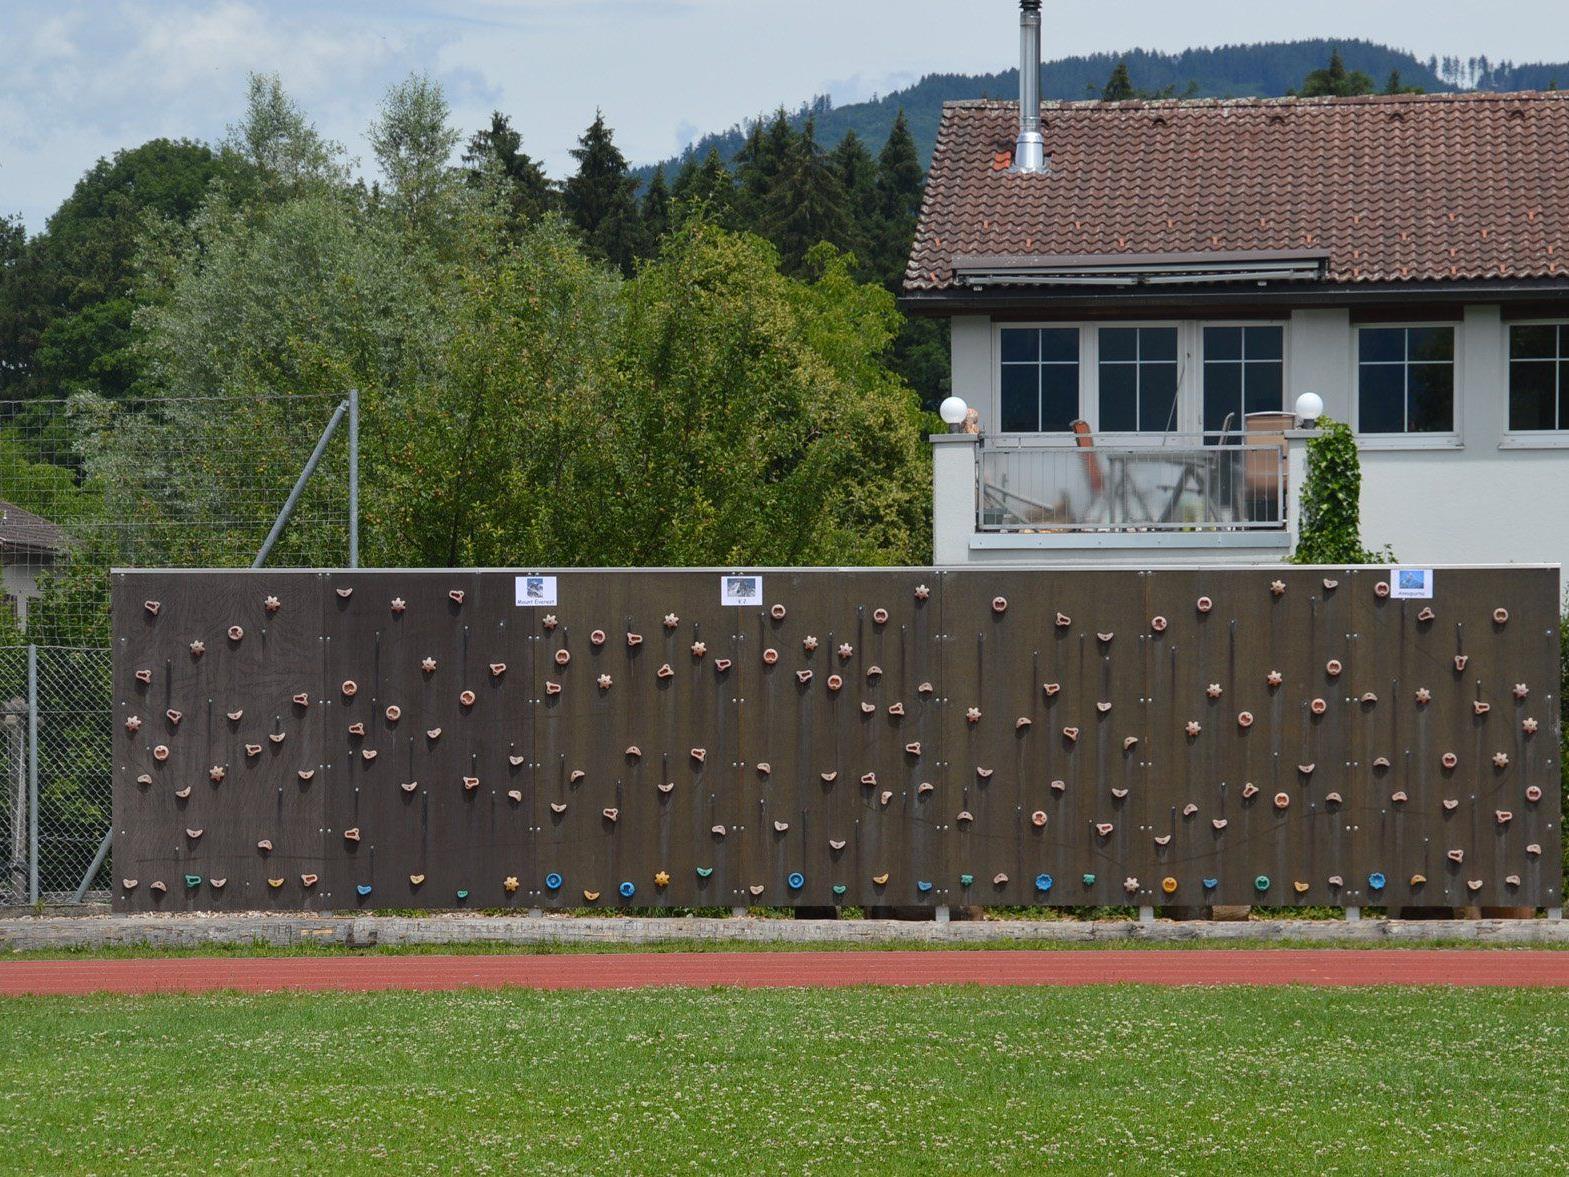 Die Kletterwand bei der Volksschule Montfort ist eines von mehreren bewegungsfördernden Elementen, die den Pausenhof aufwerten sollen.